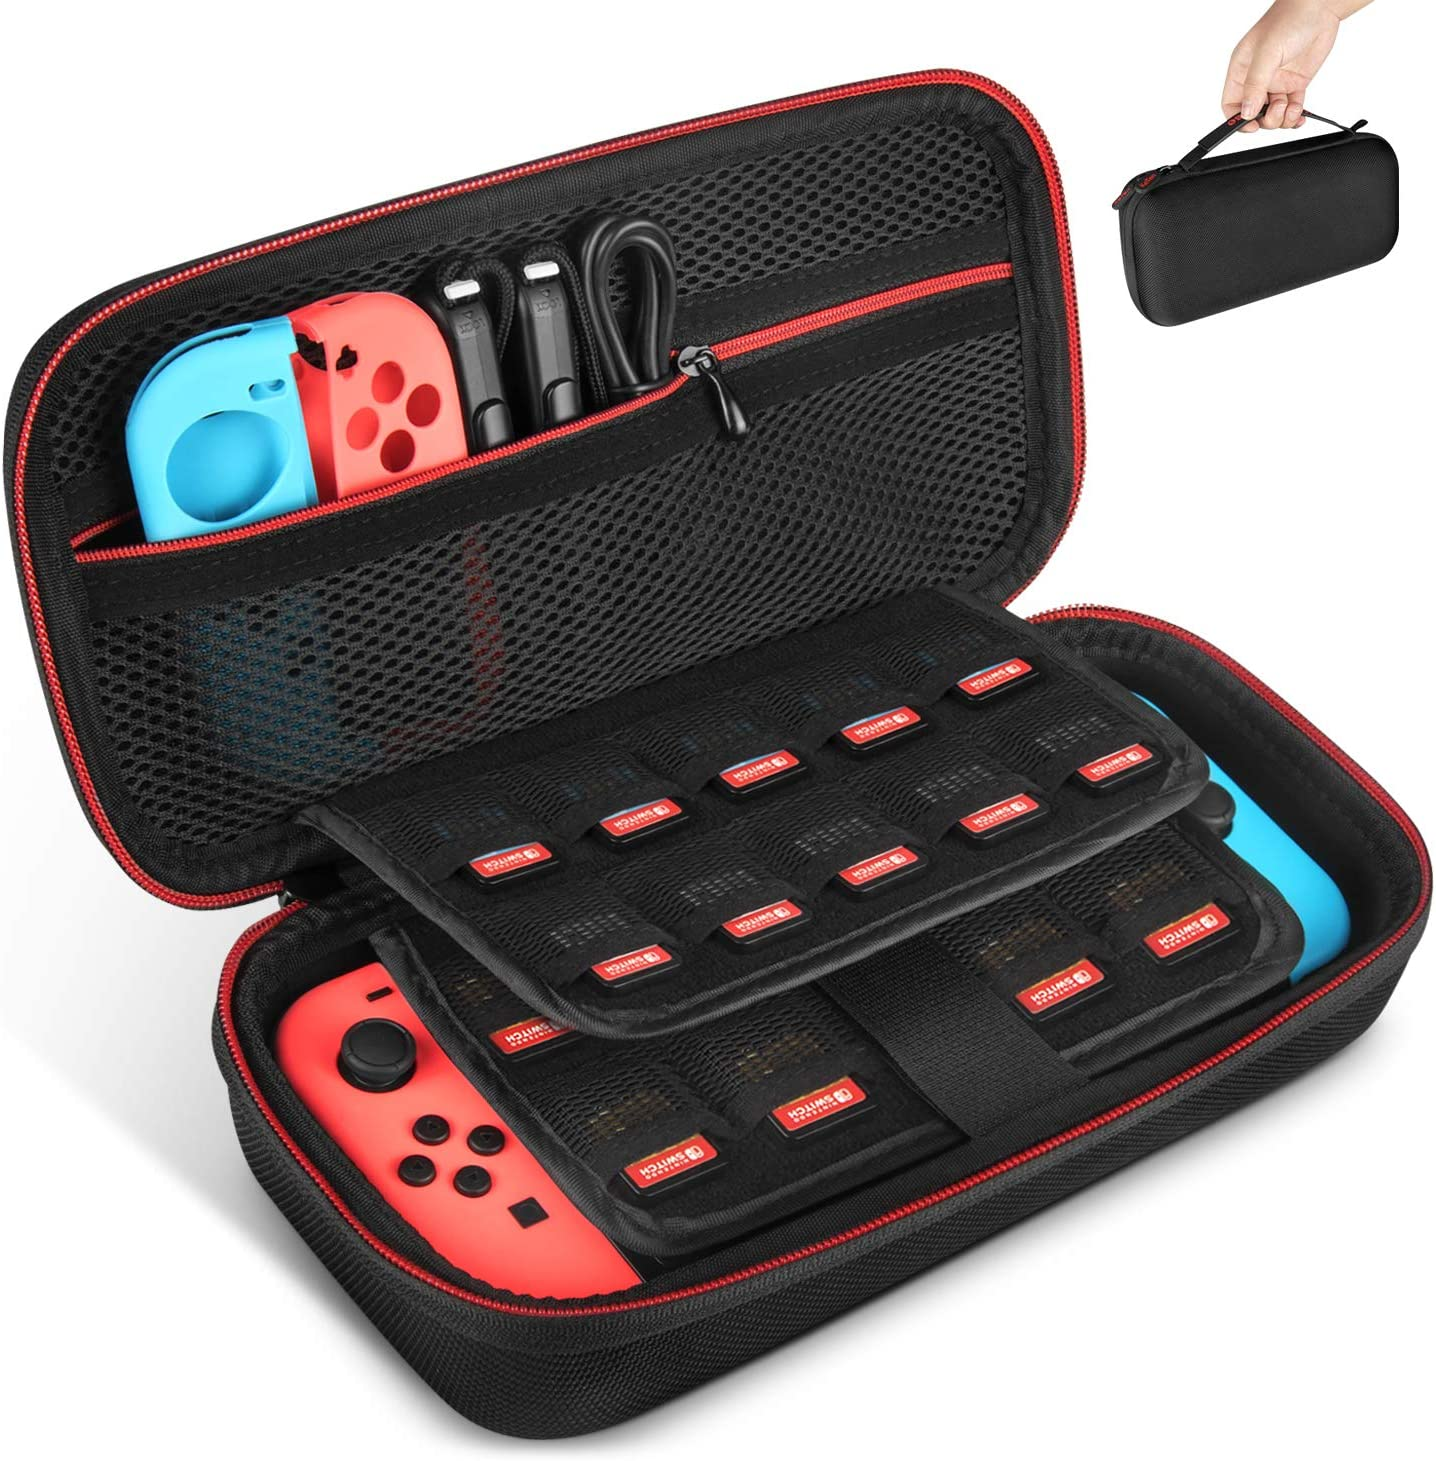 Keten - Funda de Transporte para Nintendo Switch, Funda Protectora portátil de Viaje con 19 Soportes de Cartuchos para conmutador, Consola, Joy-con y Otros Accesorios, Color Negro: Amazon.es: Informática